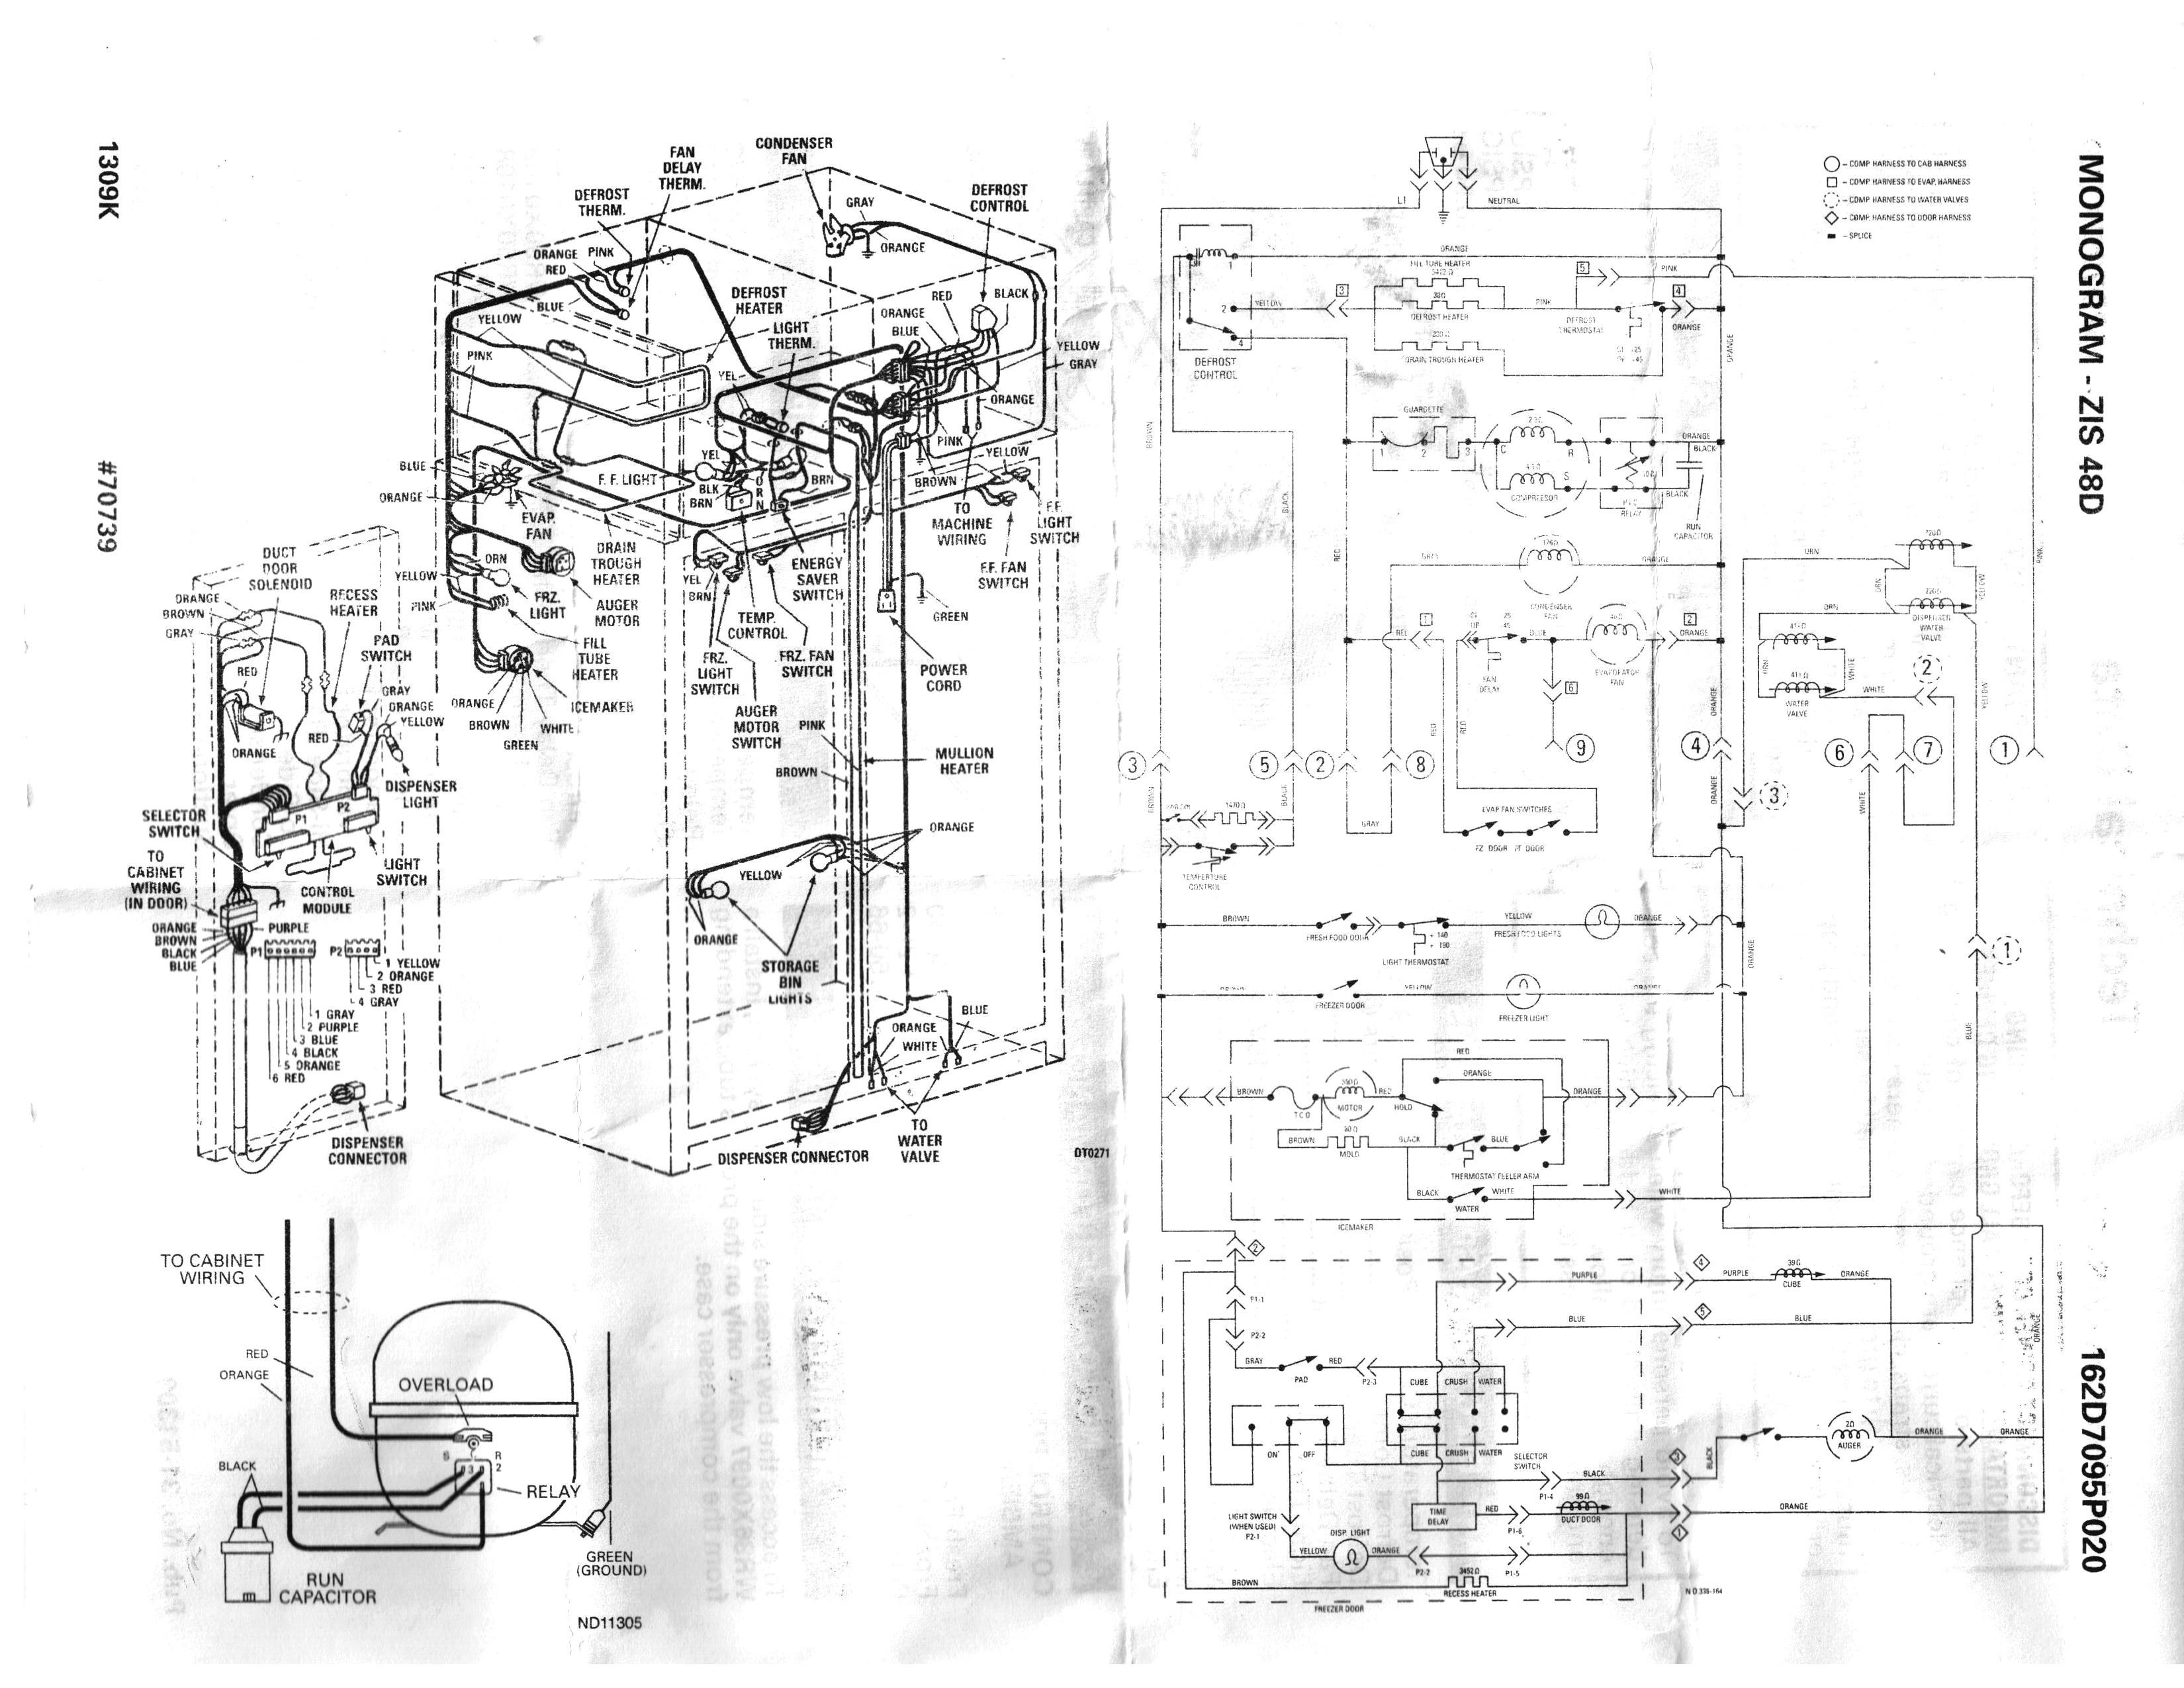 freezer wiring schematic 253 14592101 14 5 combatarms game de \u2022